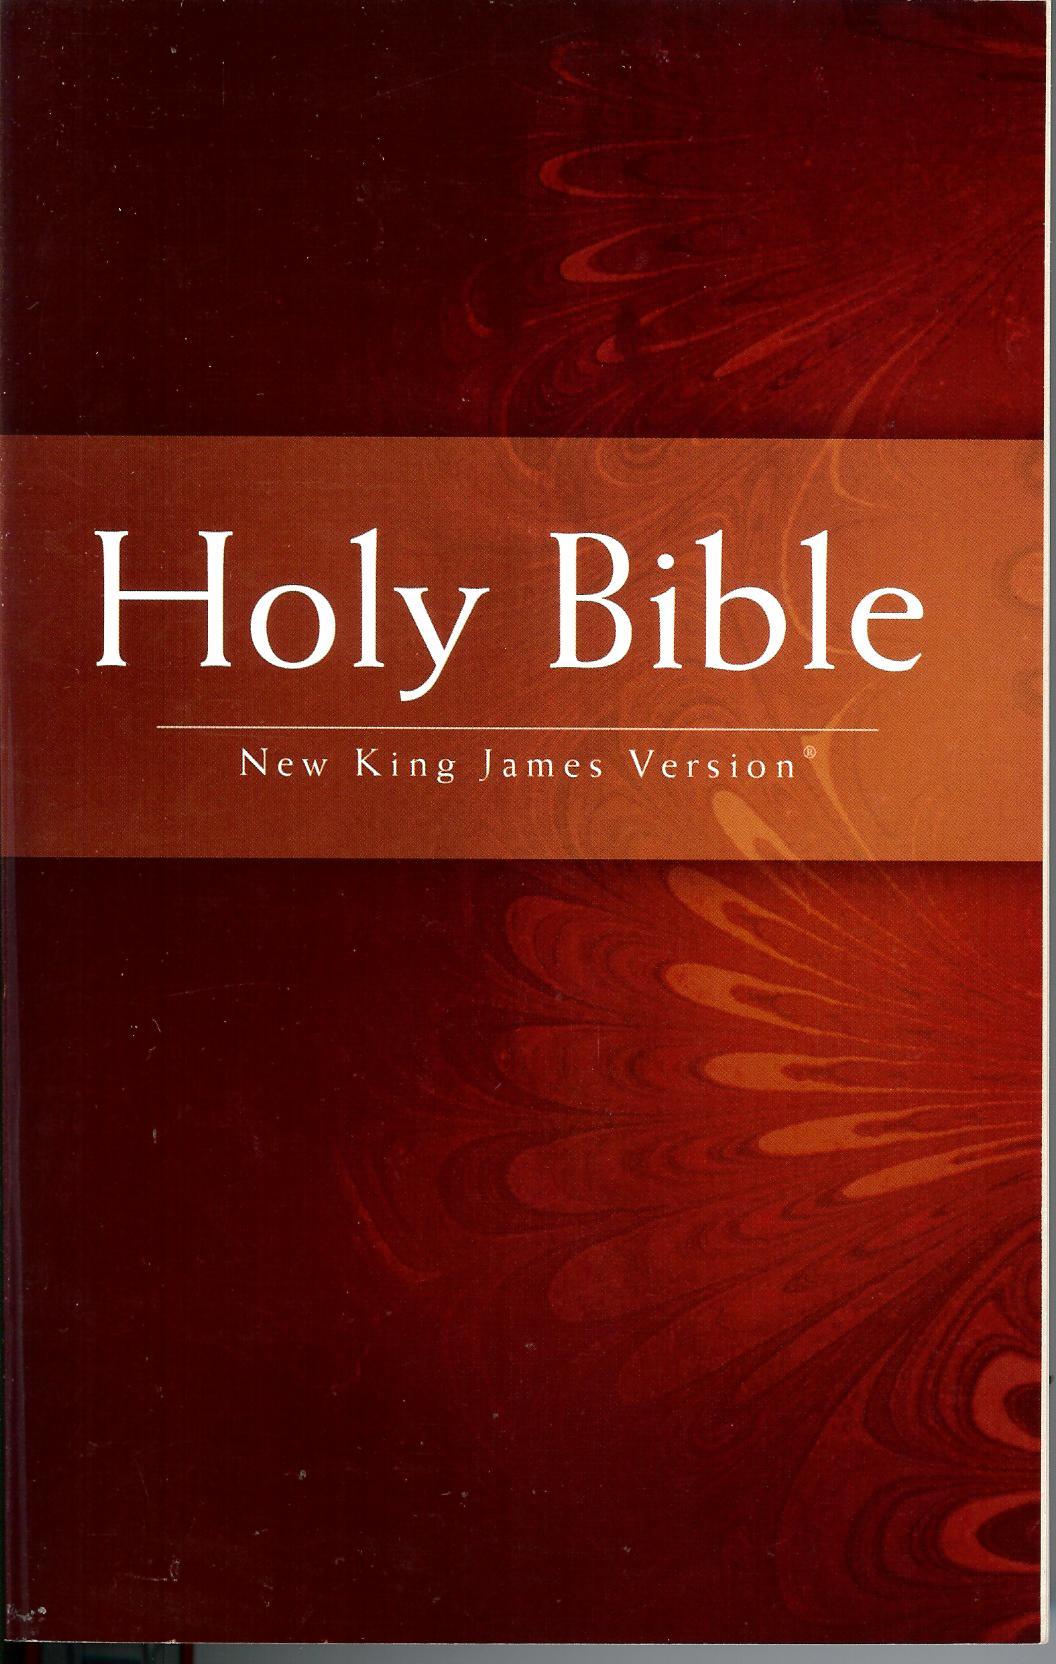 BibleGateway - Keyword Search new king james version